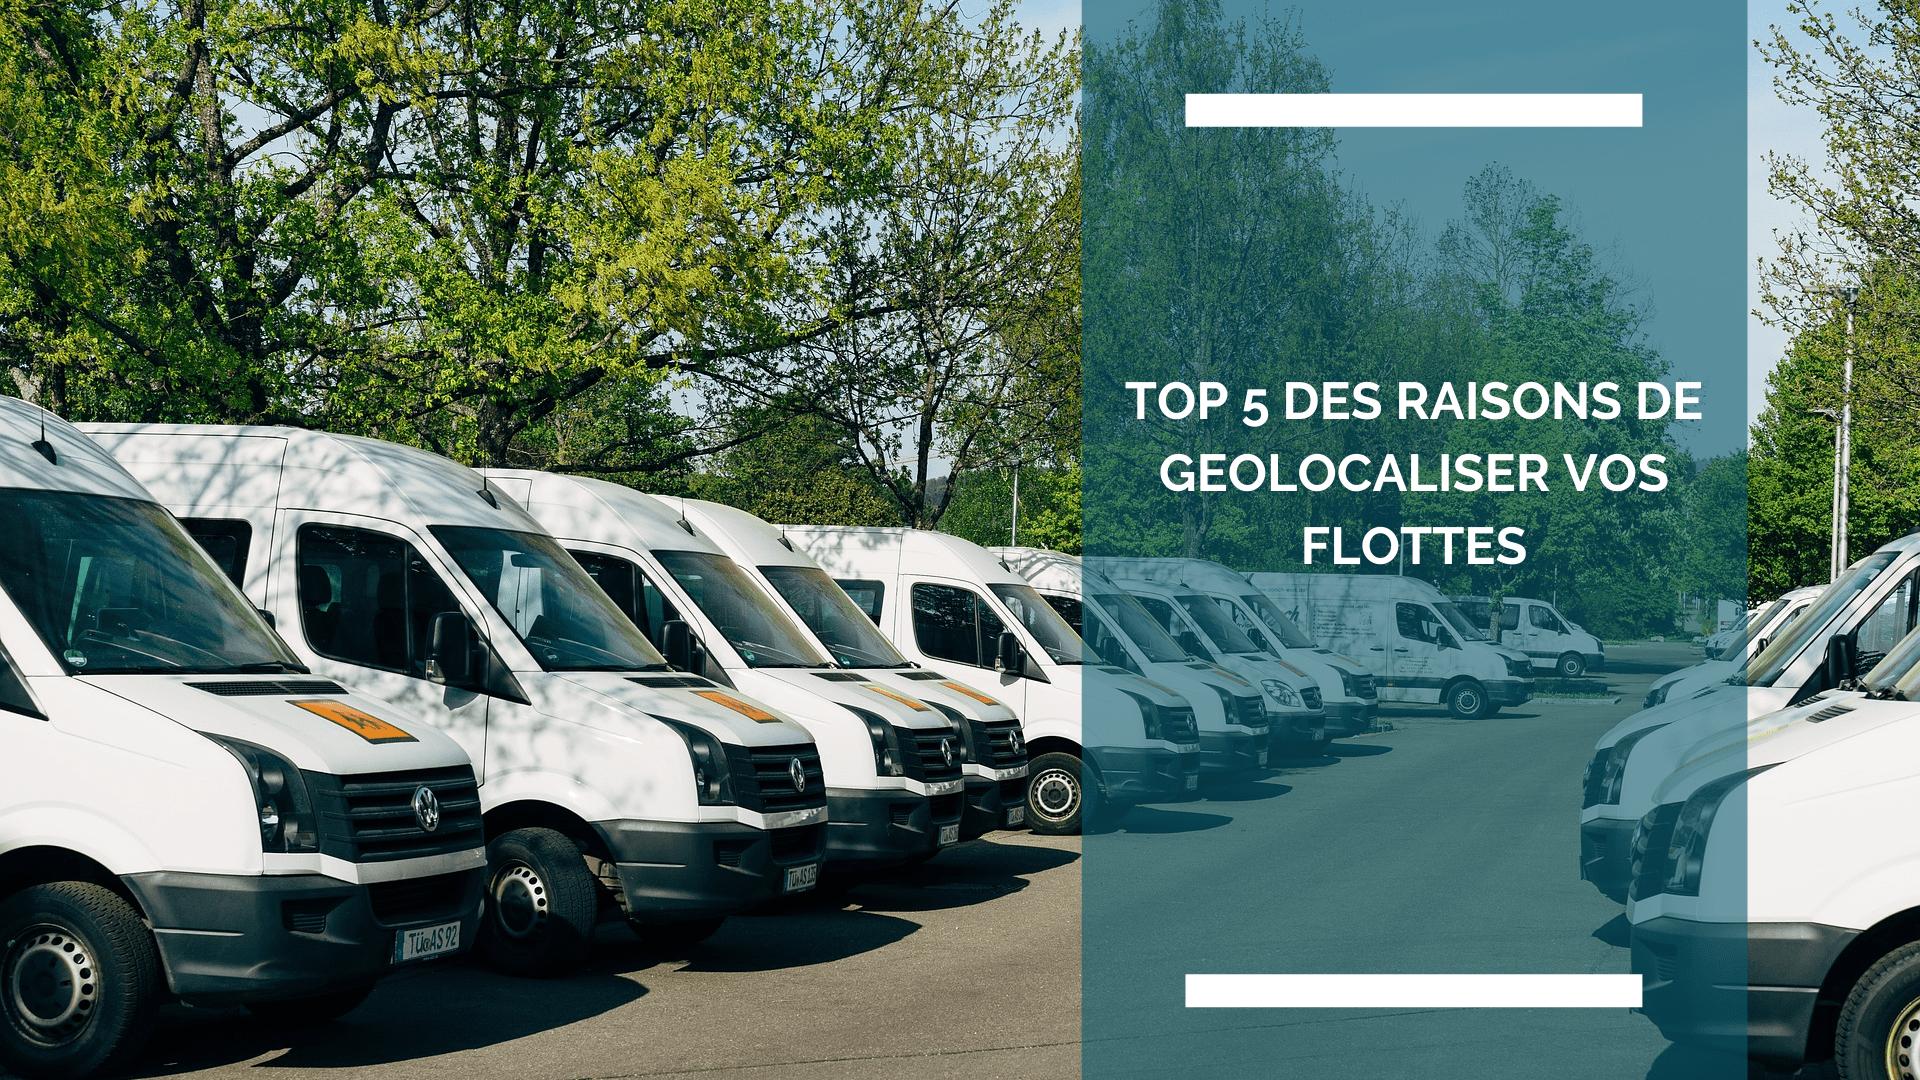 TOP 5 DES RAISONS DE GEOLOCALISER VOS FLOTTES